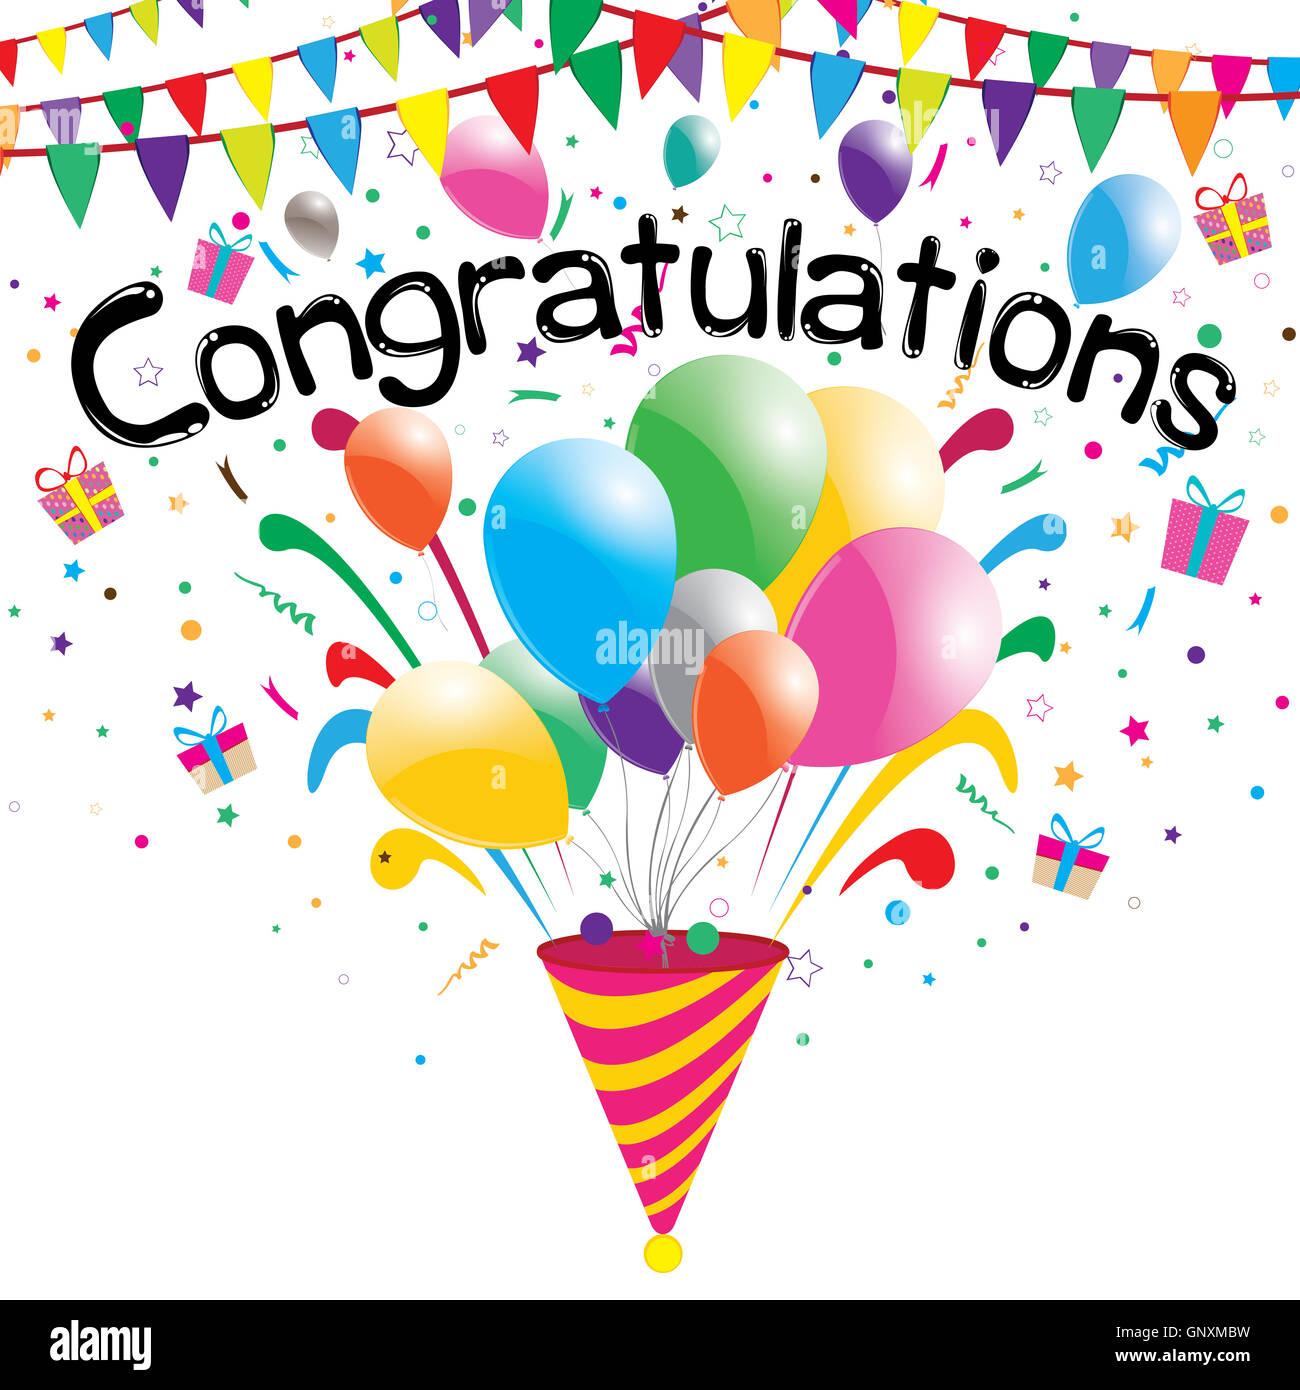 congratulations, confetti, background, vector, celebration, balloons, illustration, colorful, design, anniversary, Stock Photo